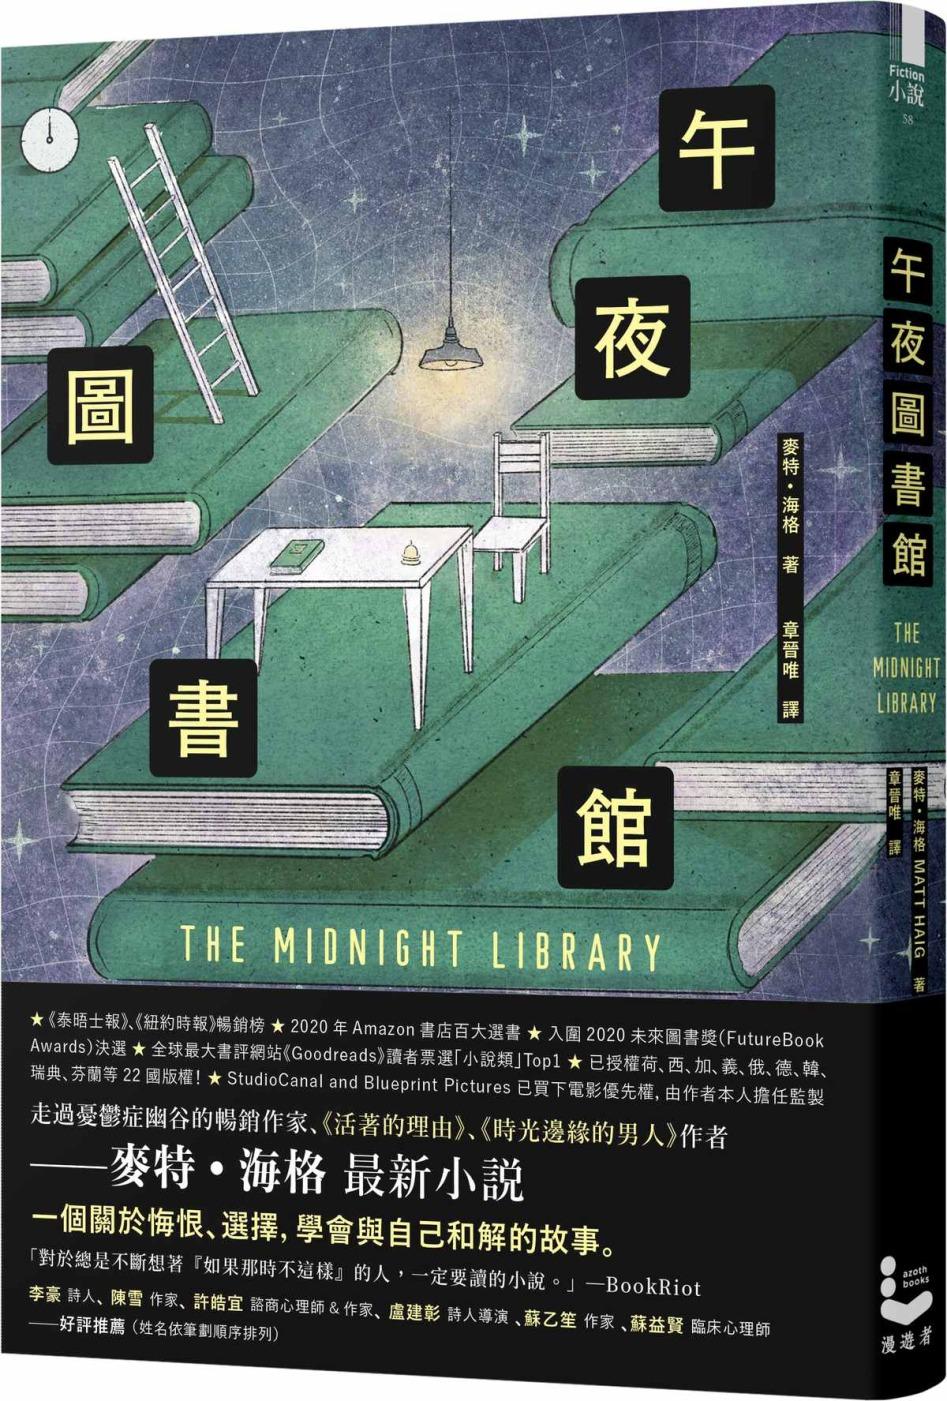 午夜圖書館